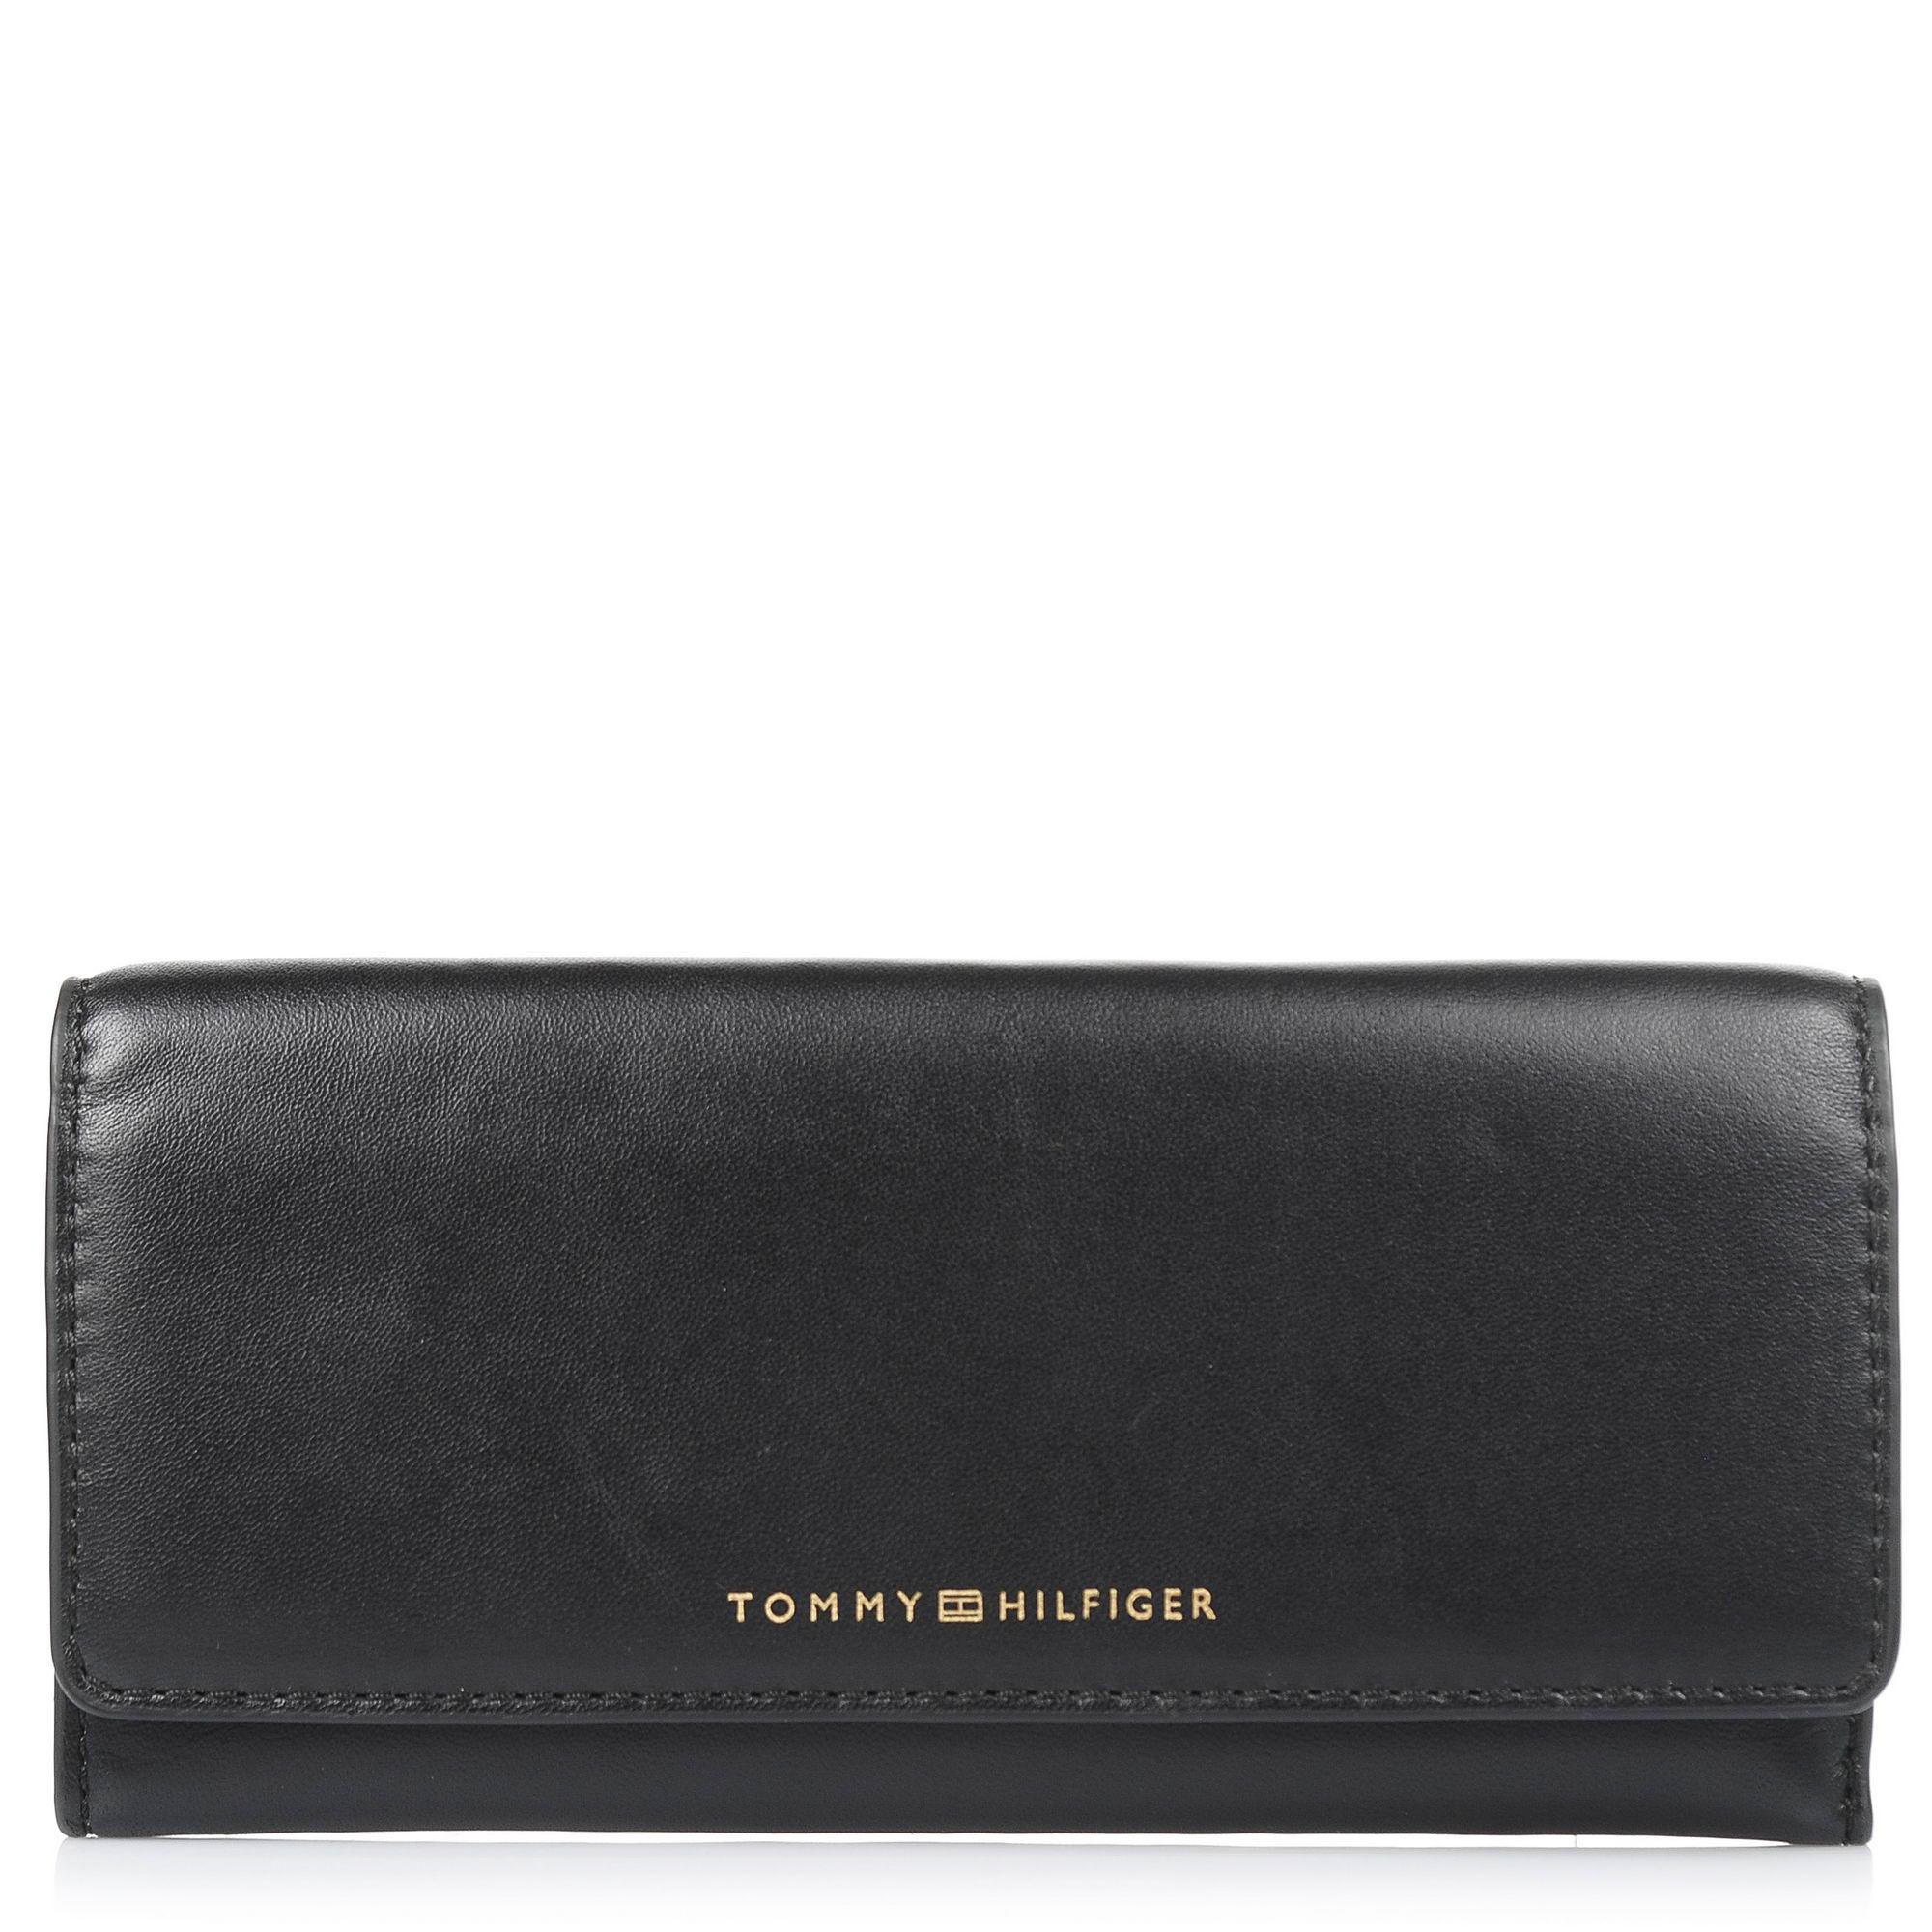 Δερμάτινο Πορτοφόλι Tommy Hilfiger Smooth Leather Ew Slim Flap Wallet AW0ΑW05139